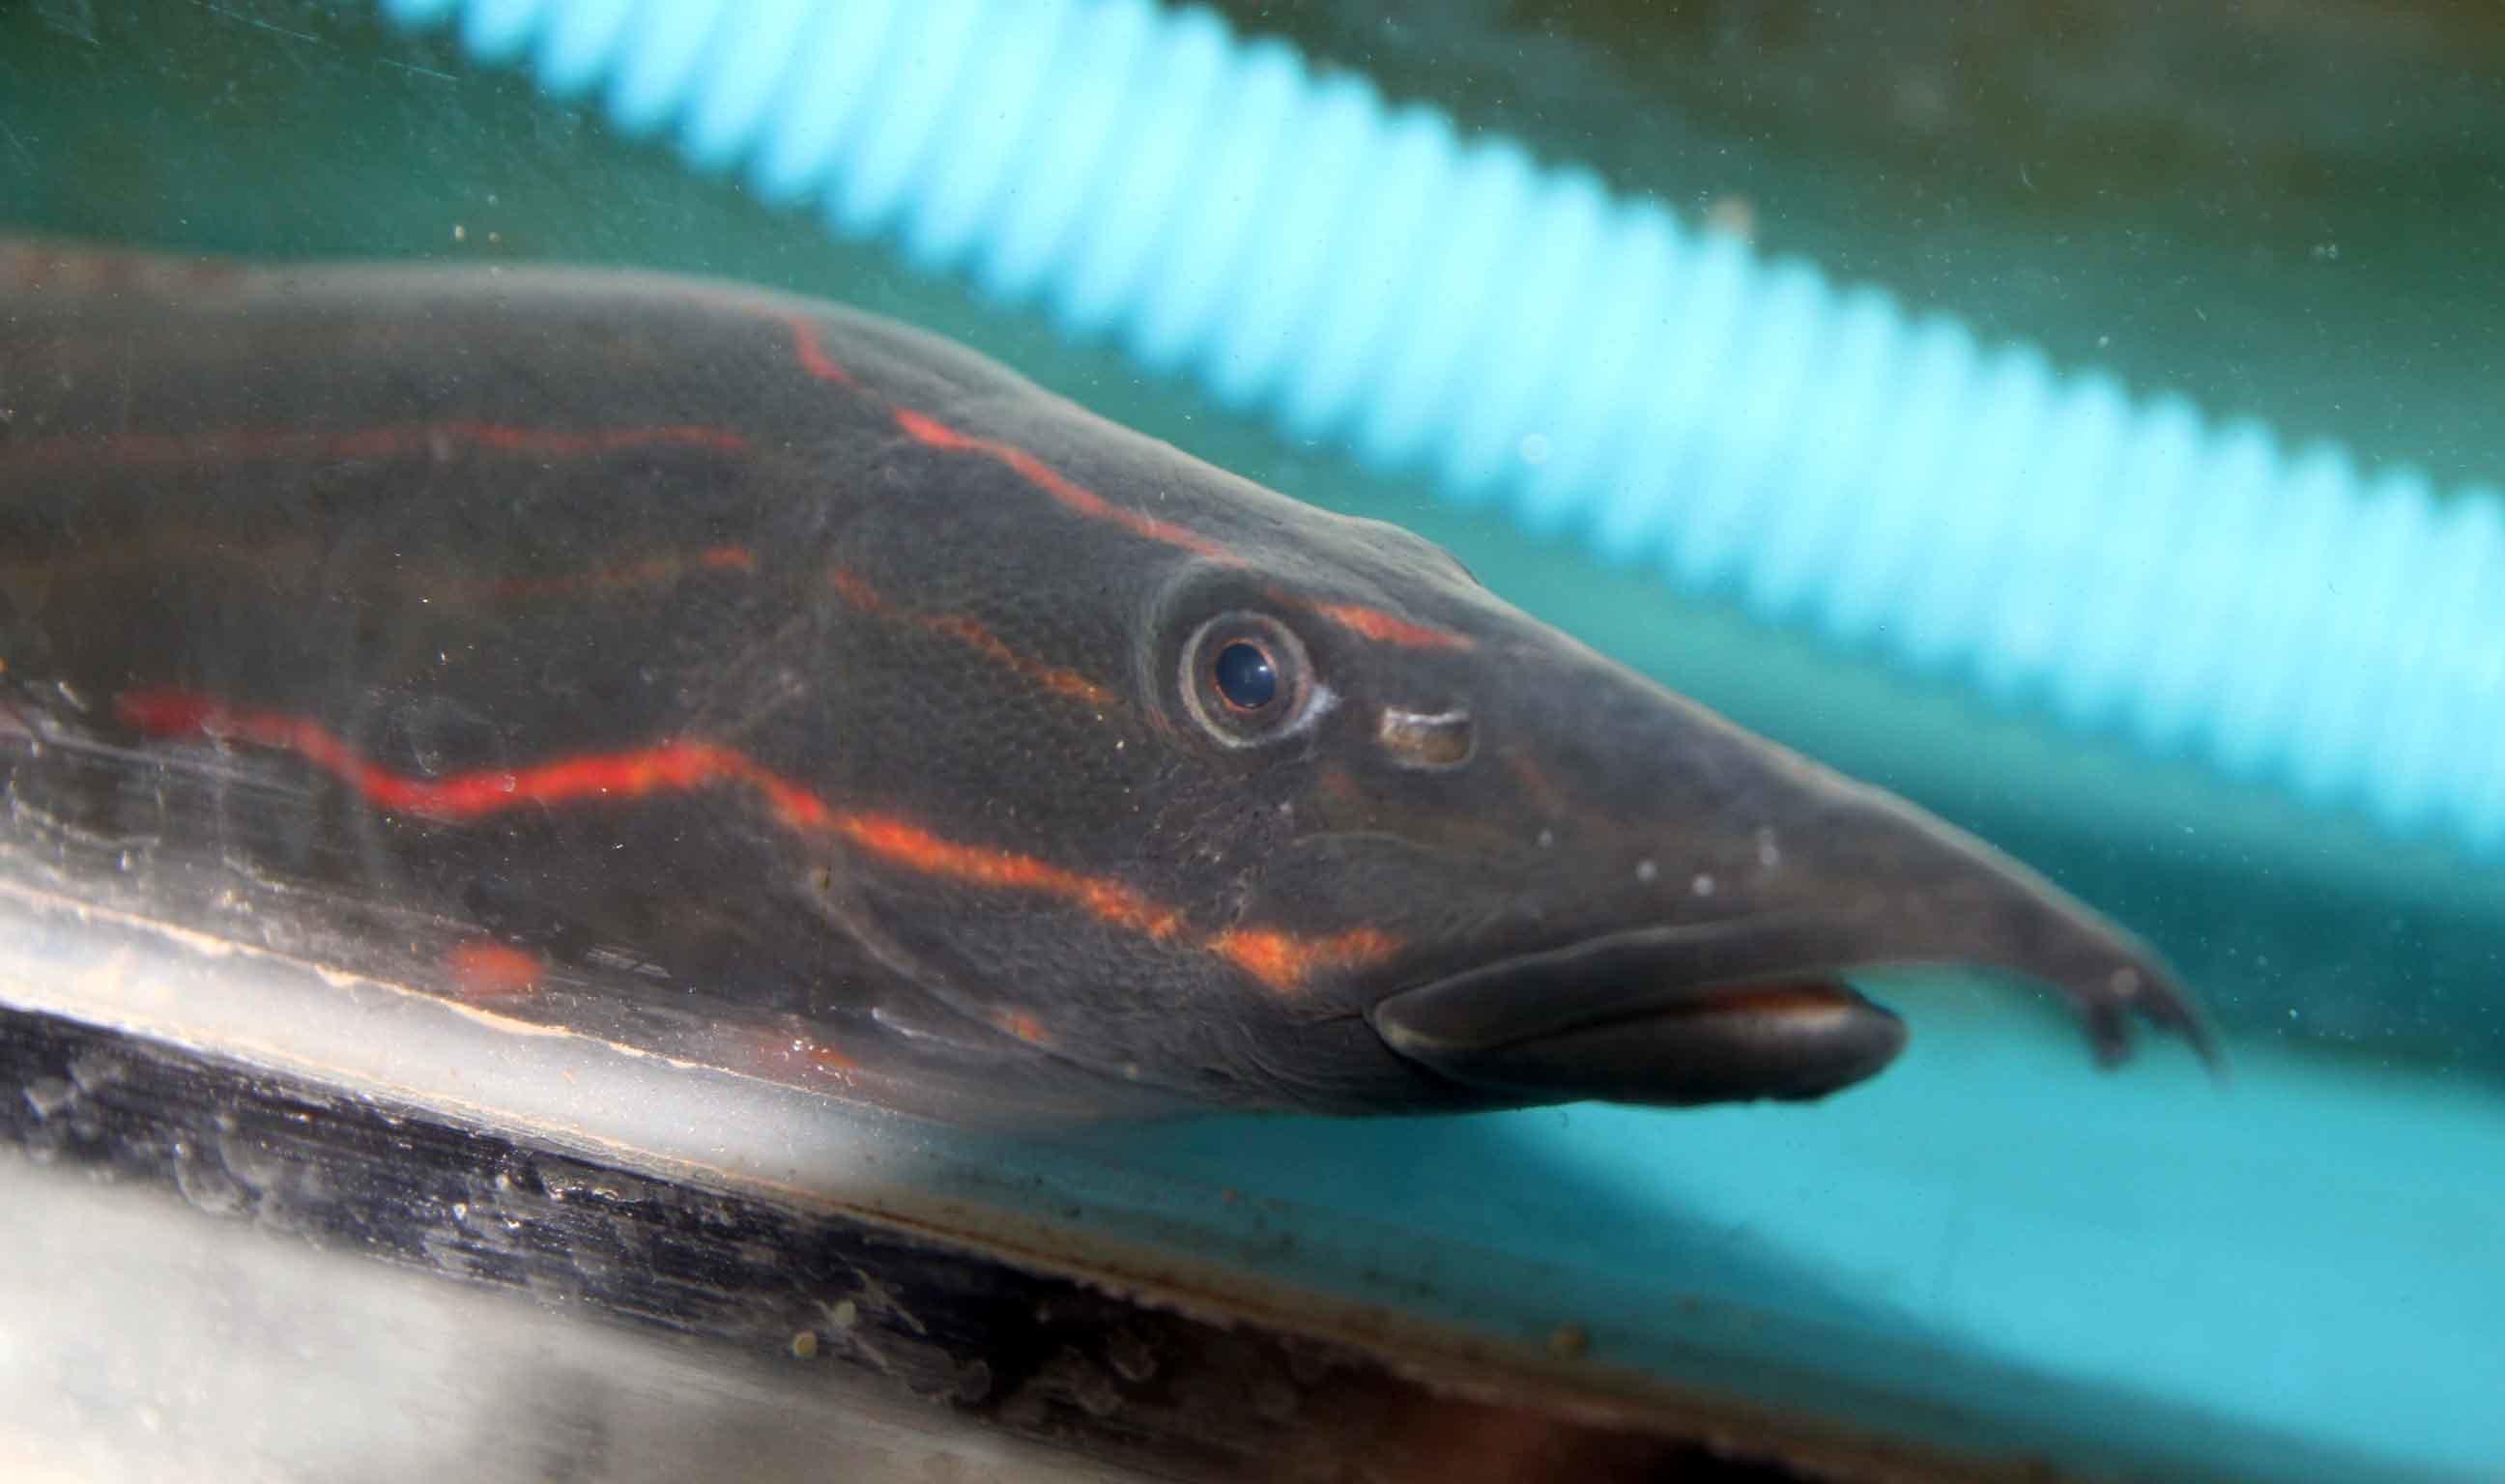 Ngắm đàn cá hoả long có 1-0-2 quý hiếm